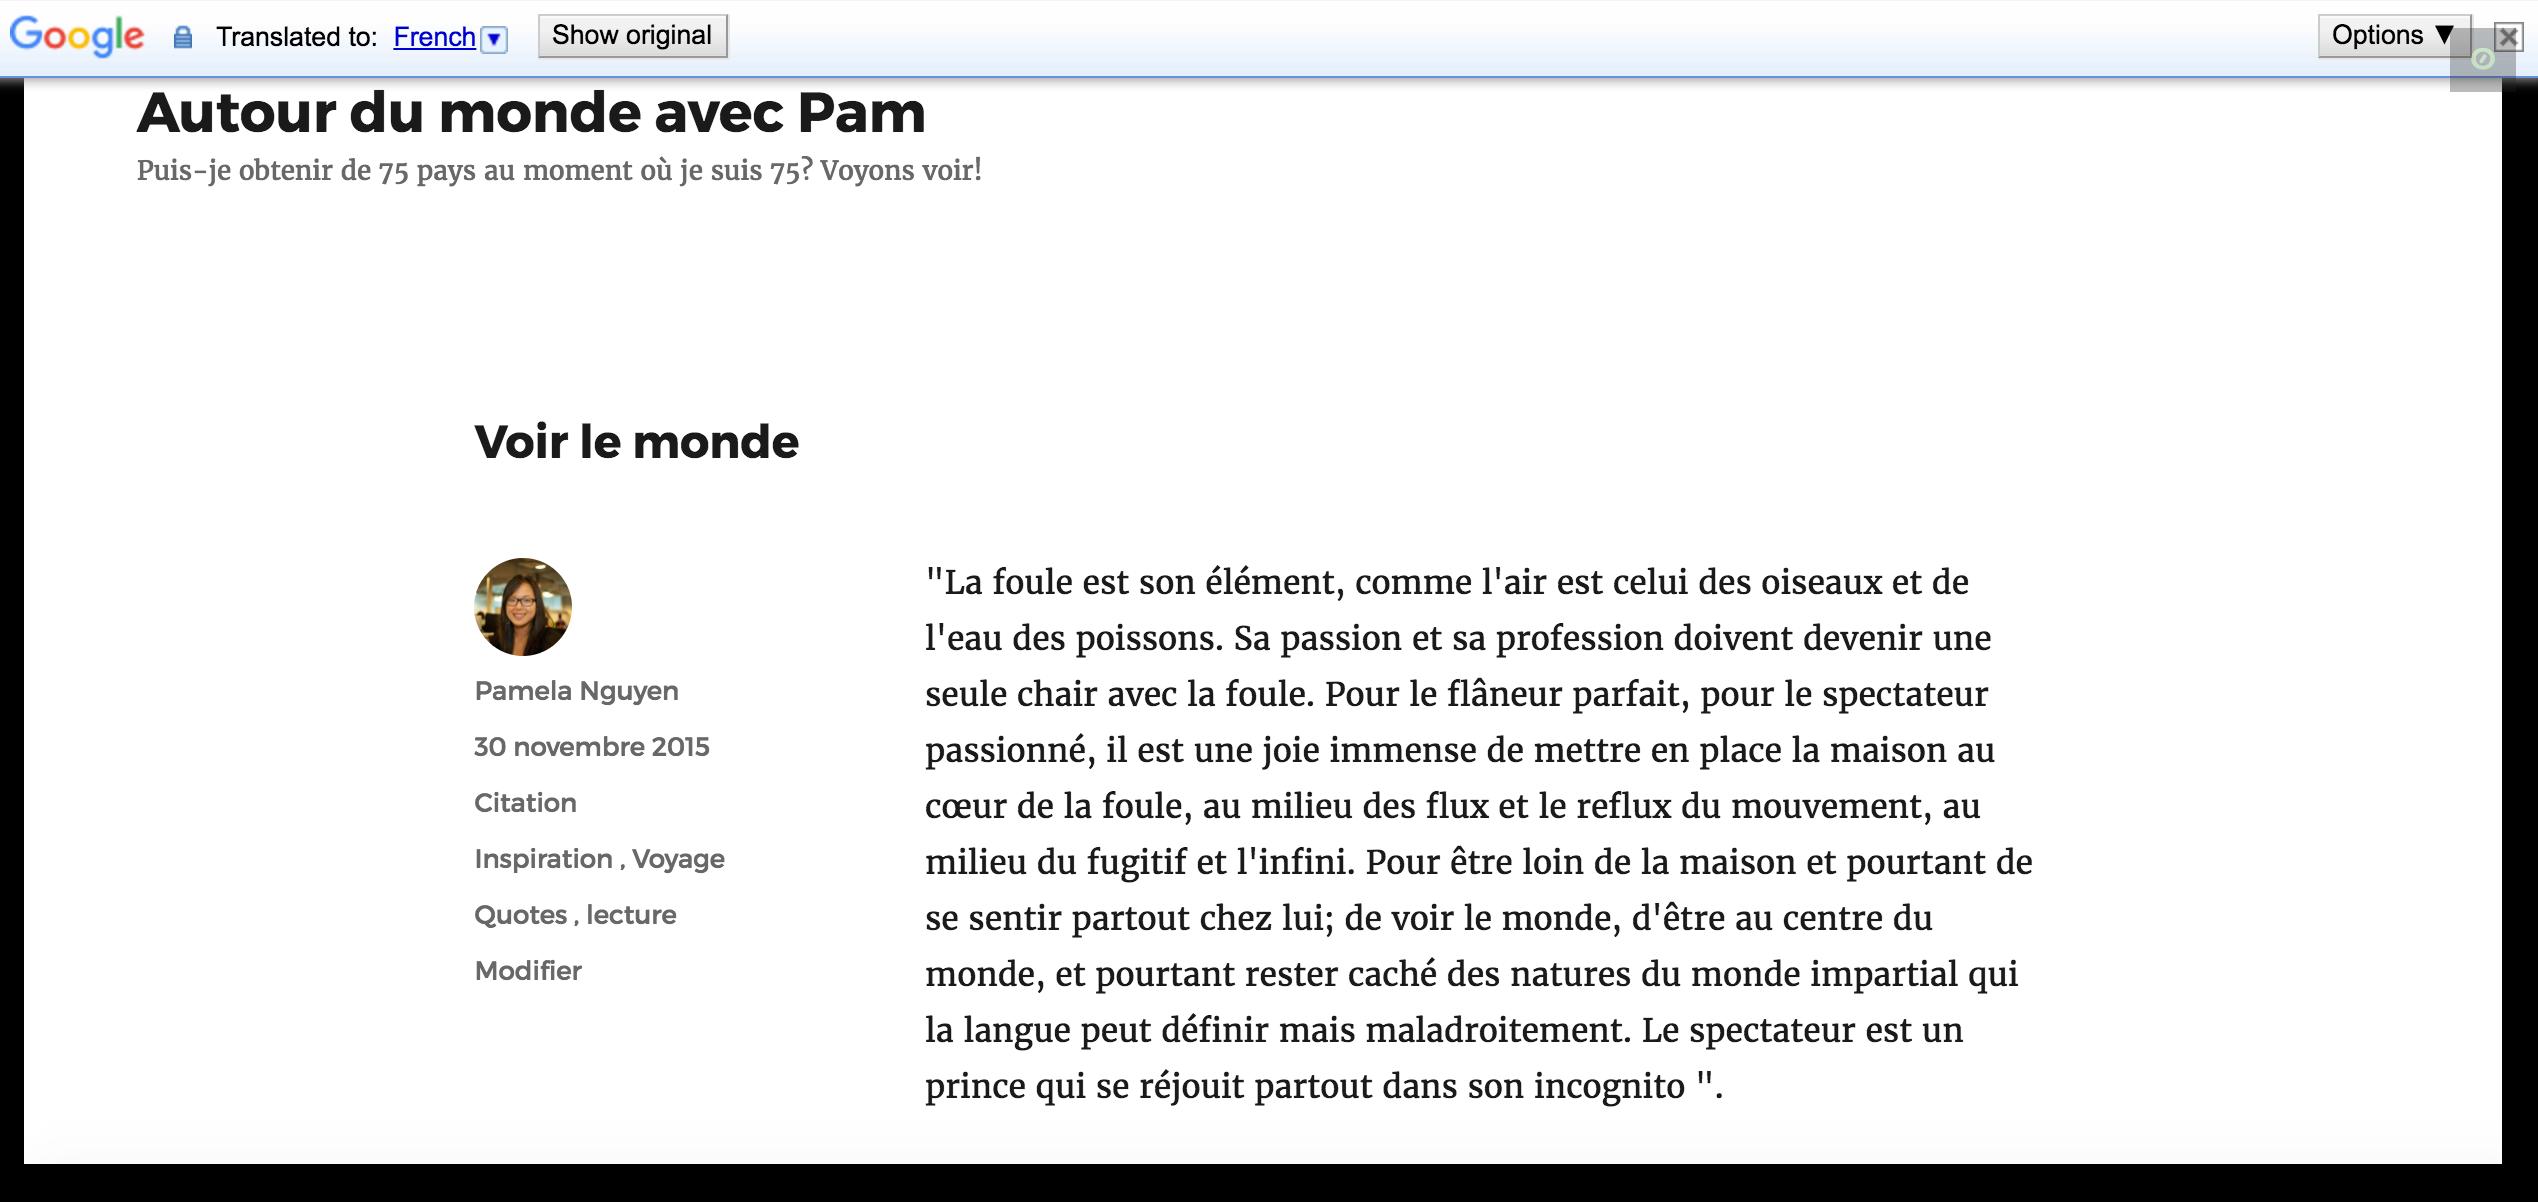 O post de blog acima, automaticamente traduzido em francês com o Widget do Google Translate.